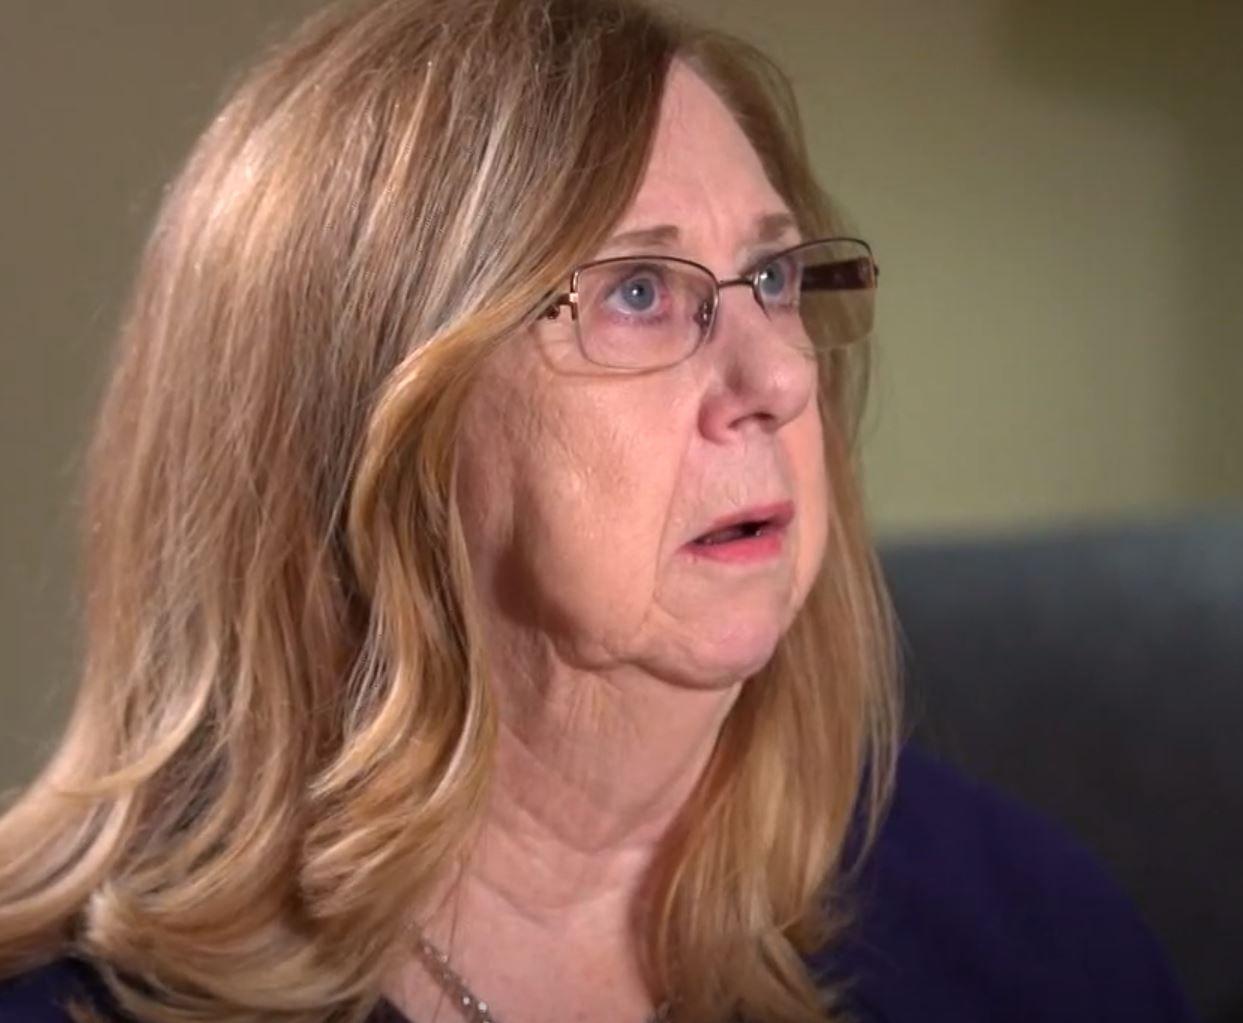 Wanda Delle talking about Jeremy